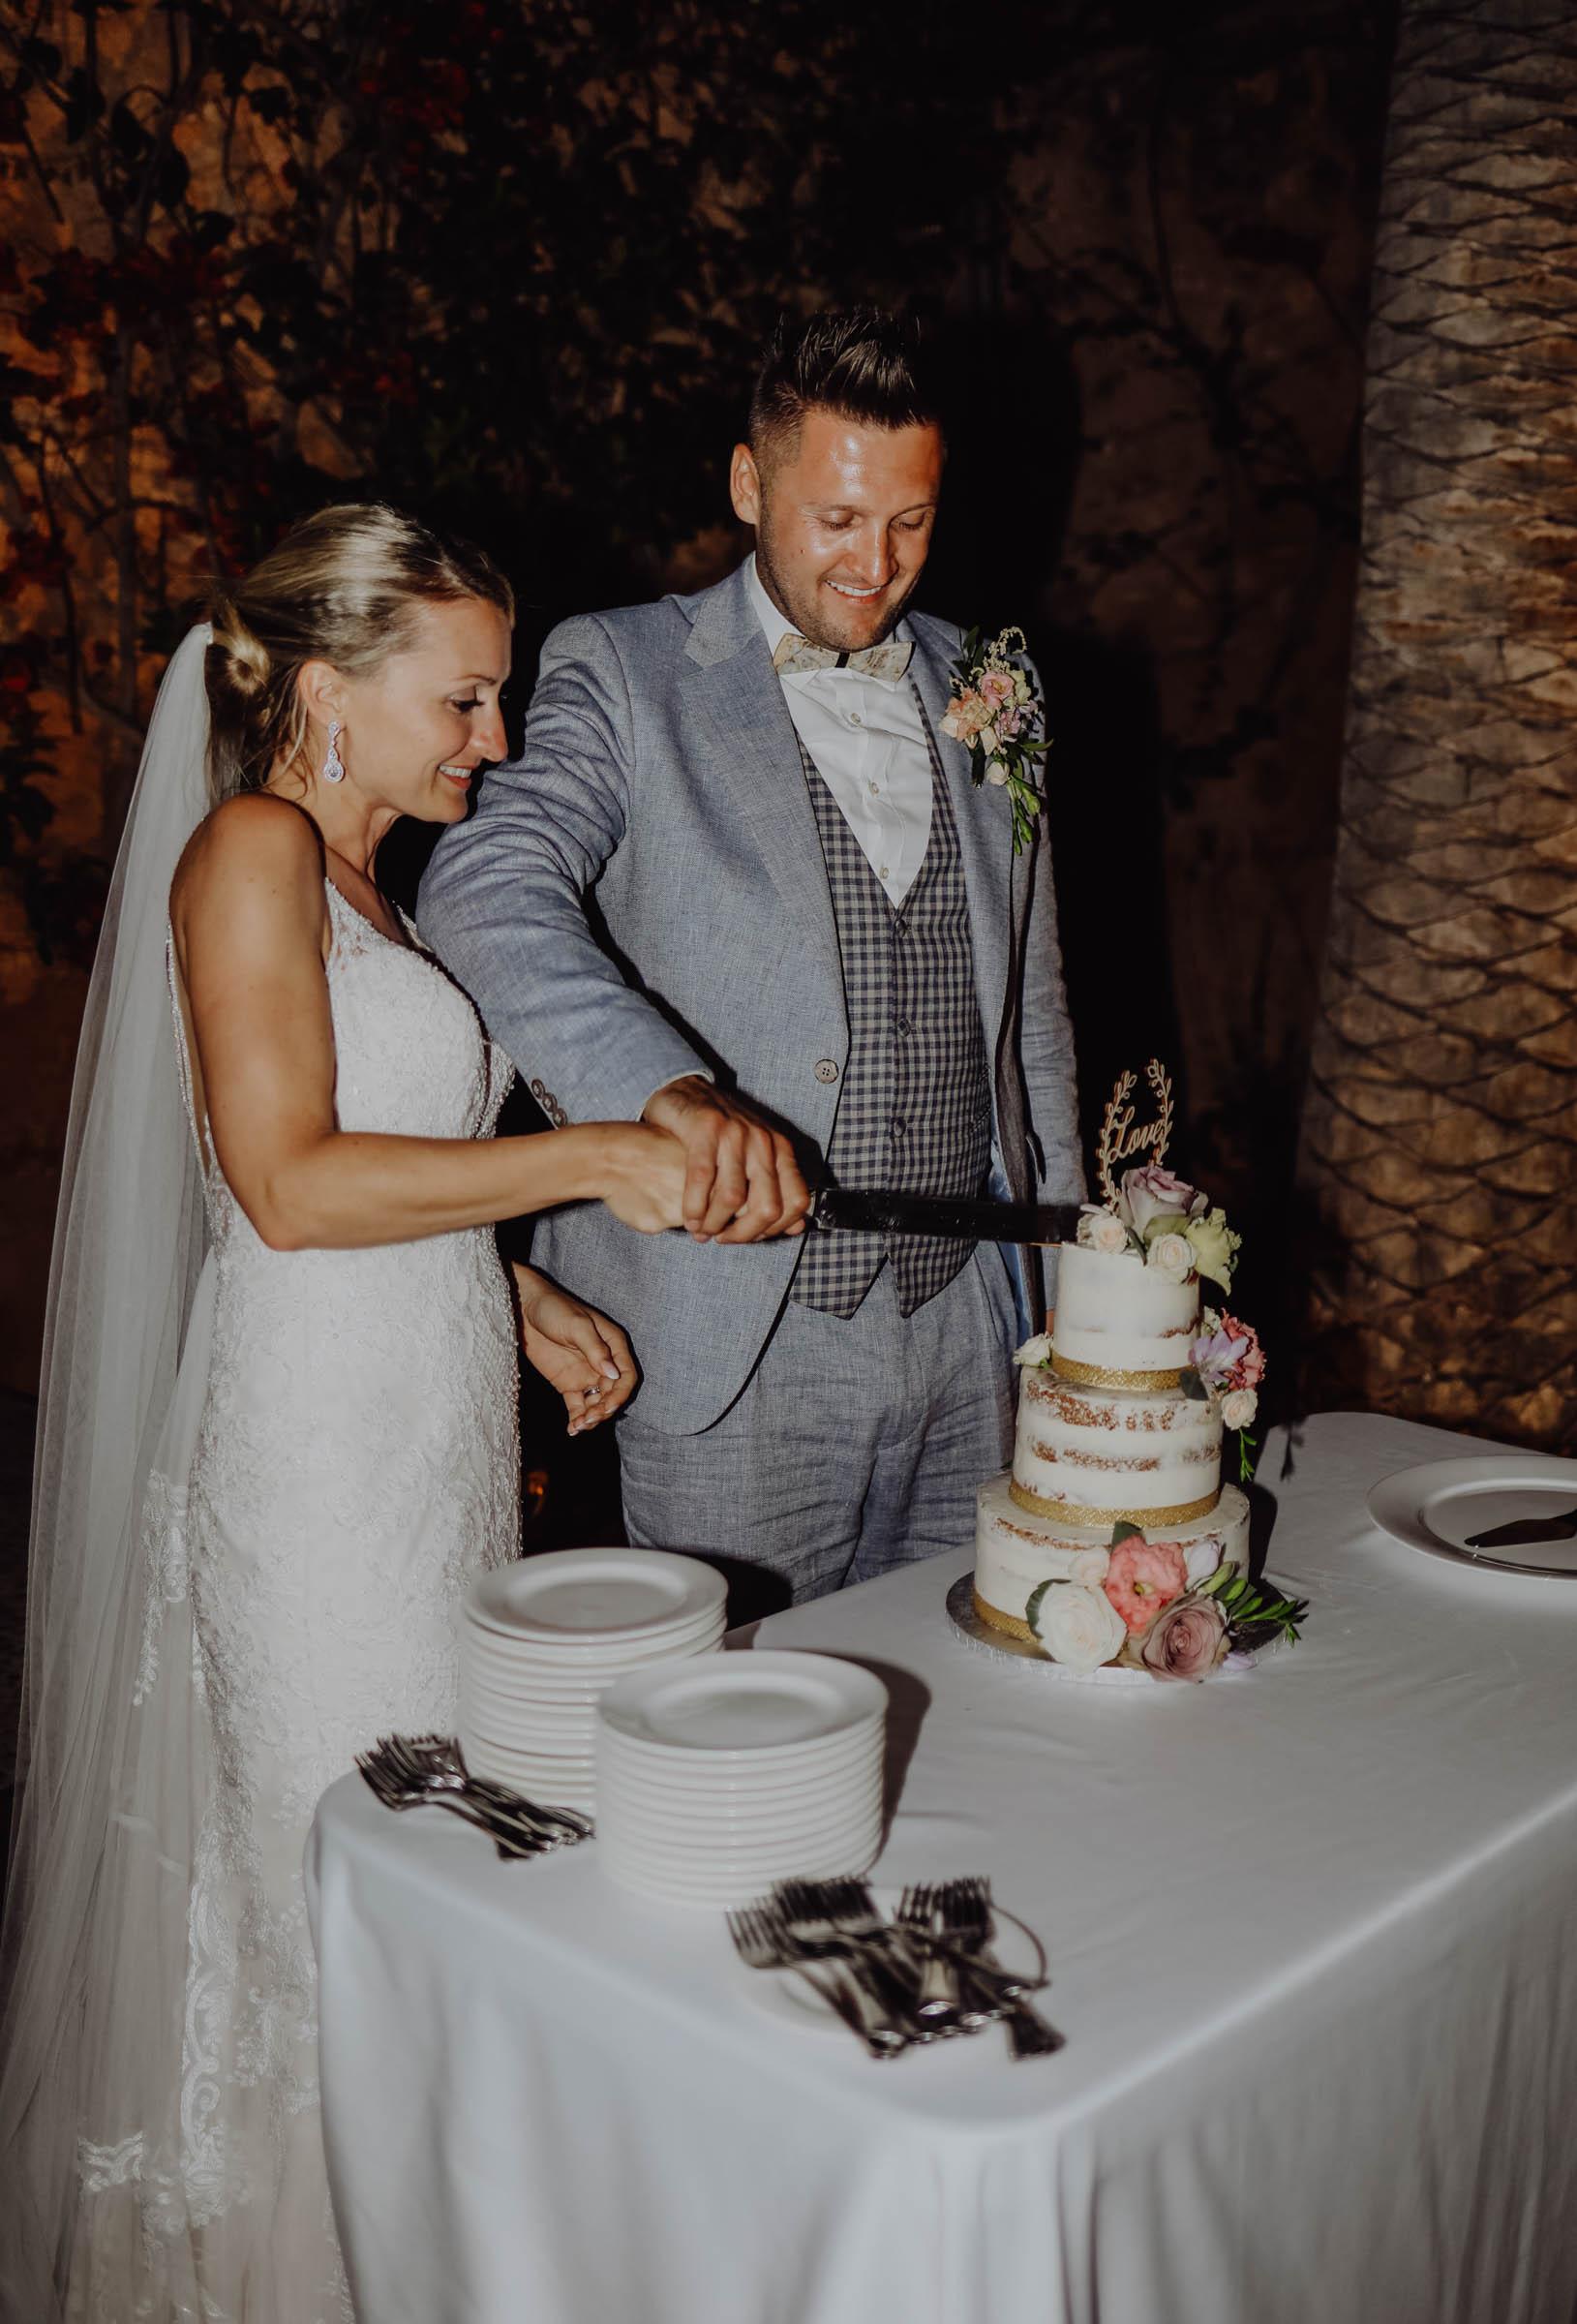 Paar schneidet Torte mit einem Messer an